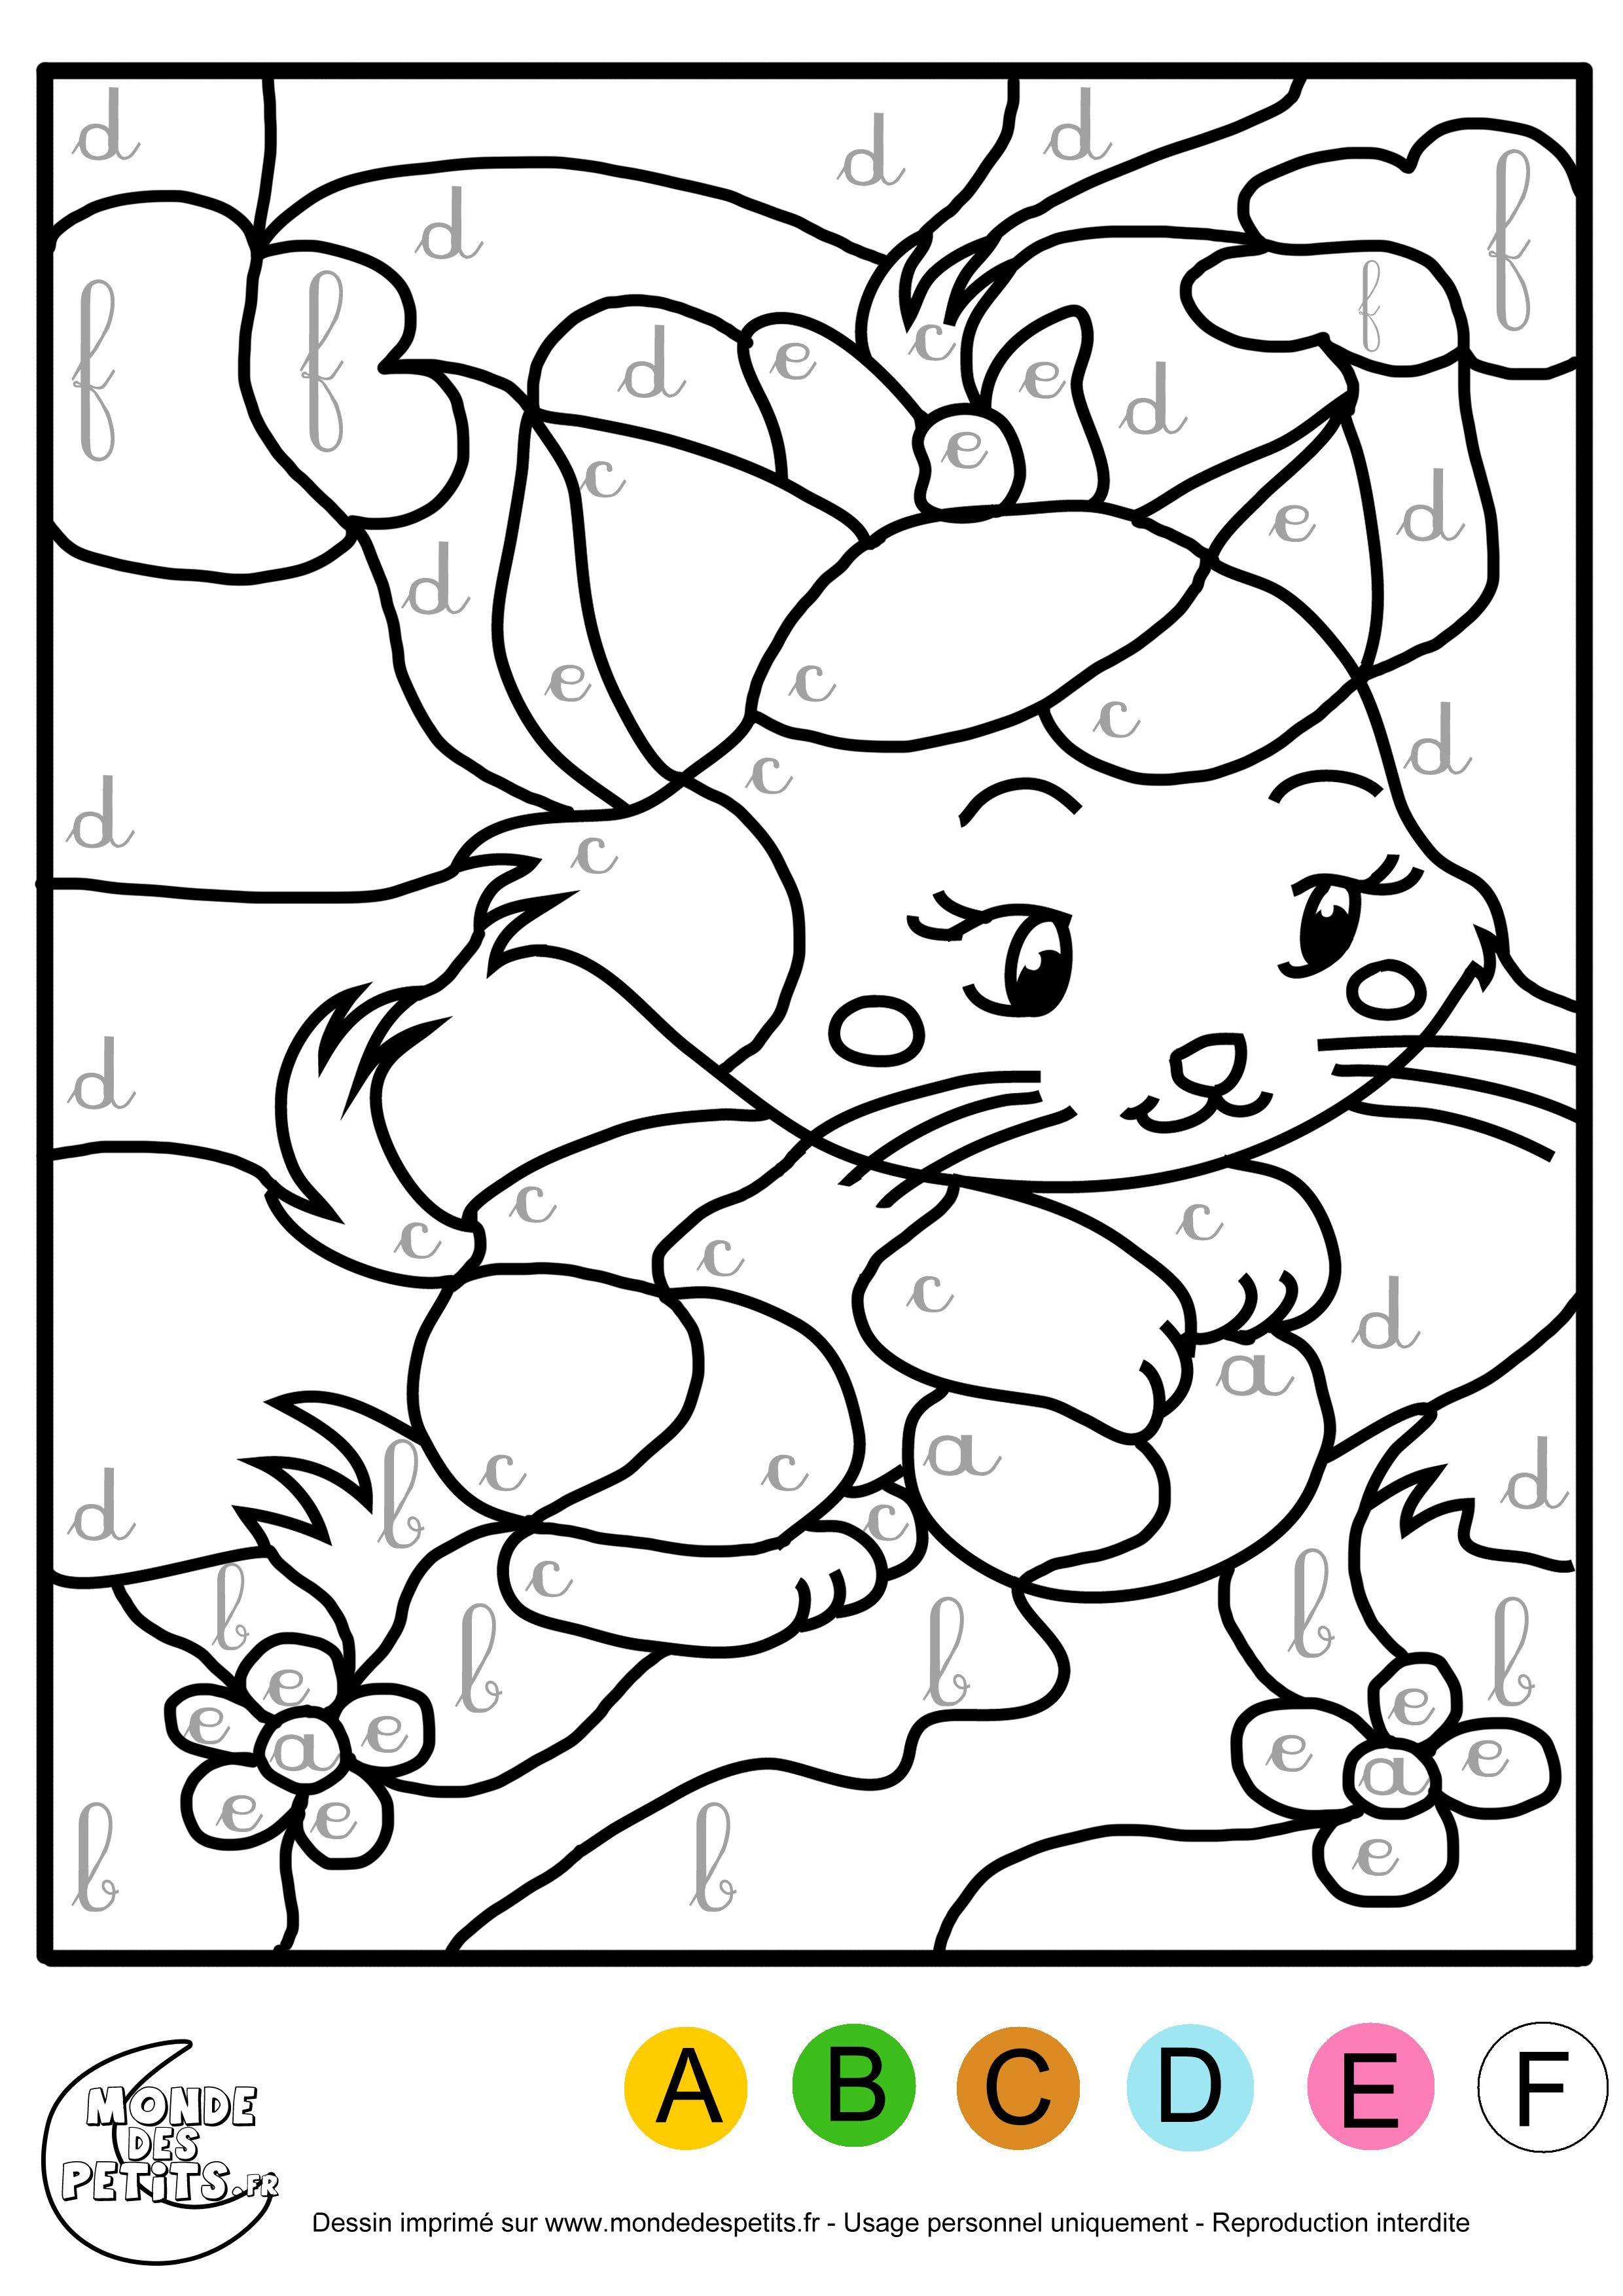 Image result for coloriage magique pour enfants en fran ais color by letter or word fall - Alphabet coloriage ...